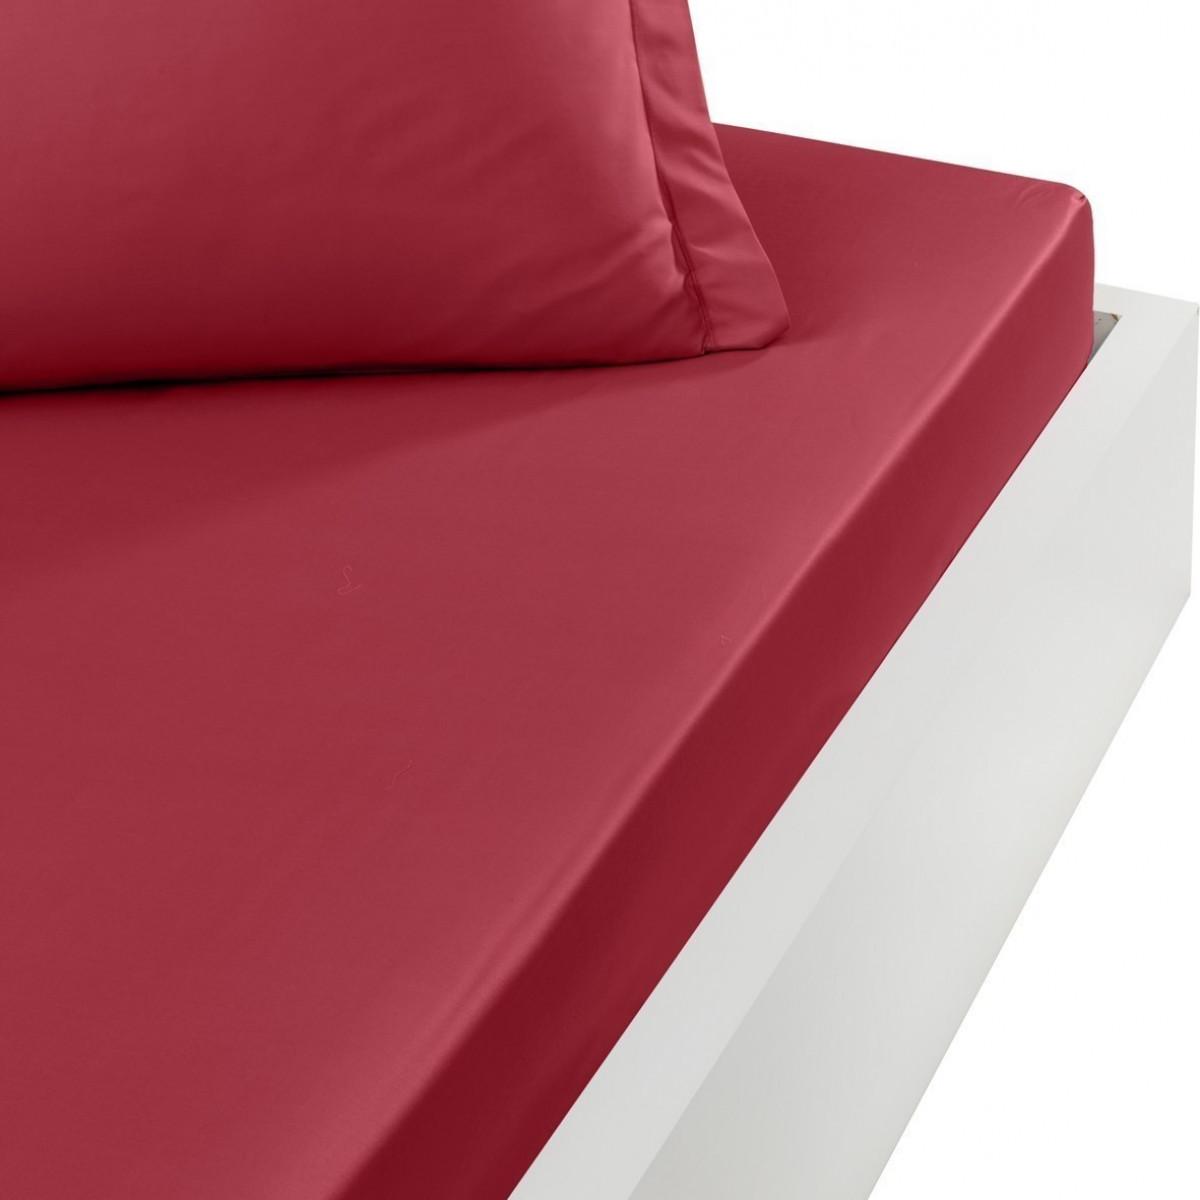 Drap housse en percale de coton bon Cardinal 140x200 cm